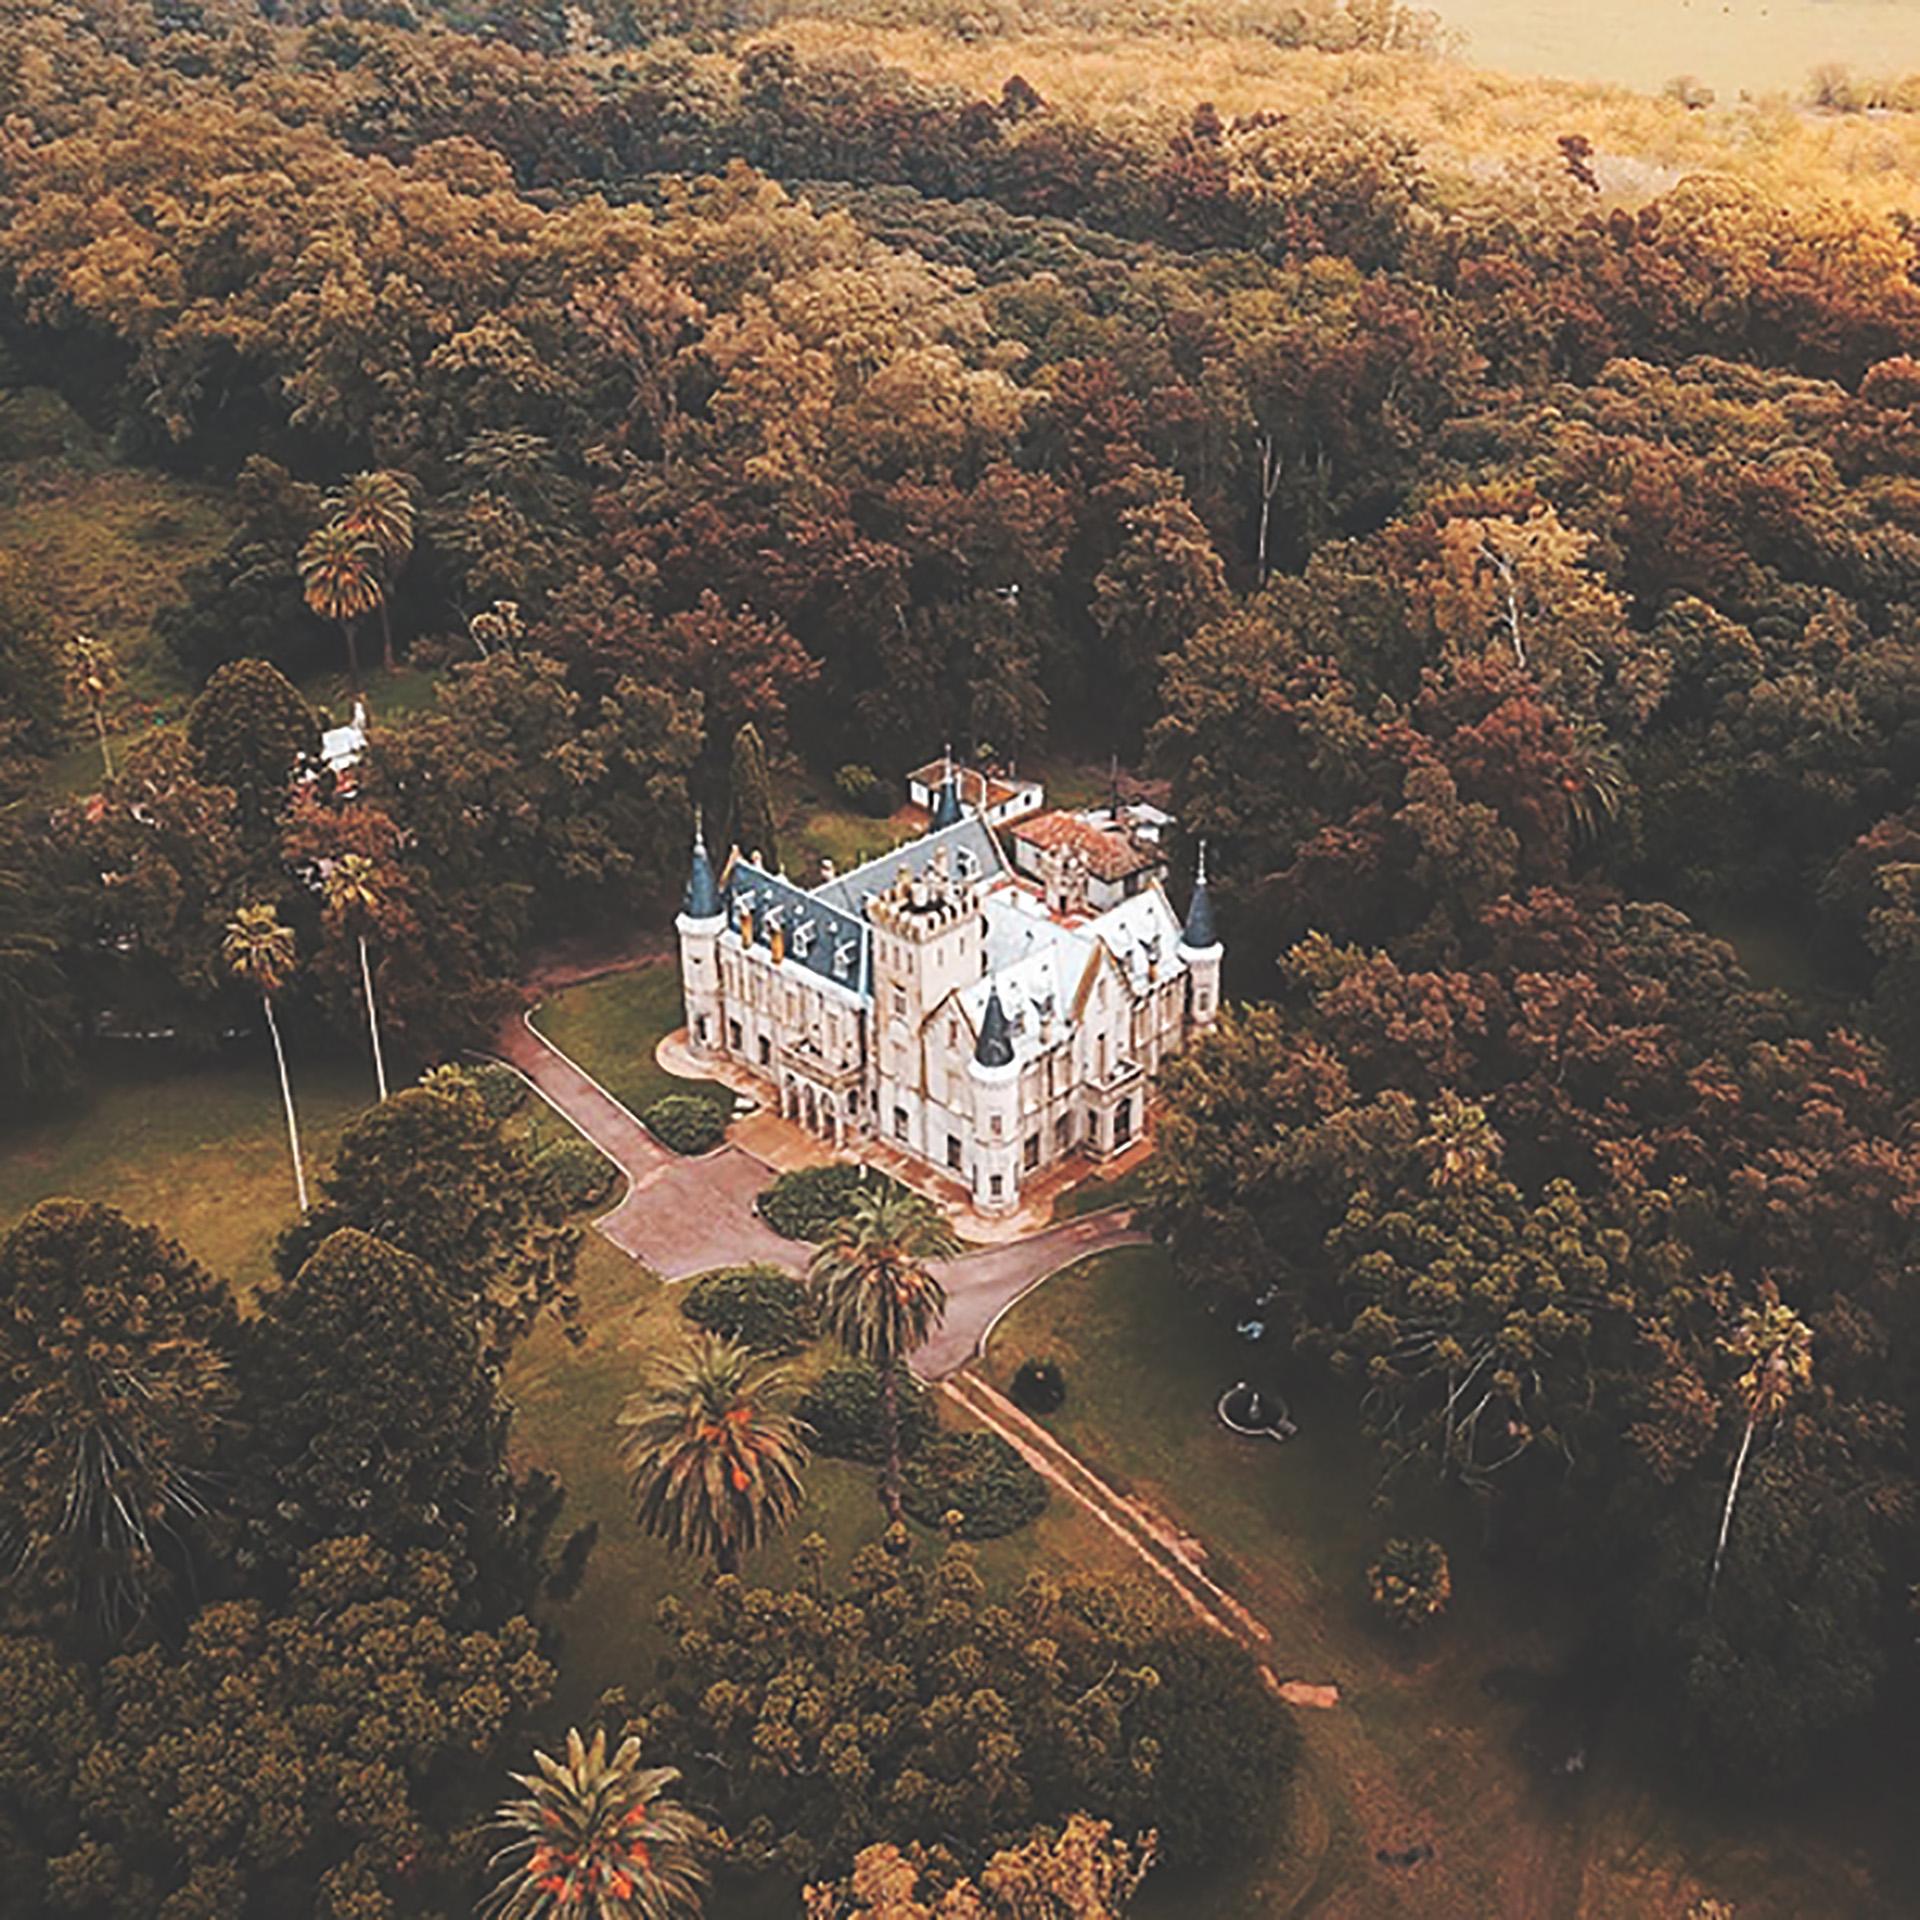 Vista aérea del castillo rodeado de su imponente vegetación